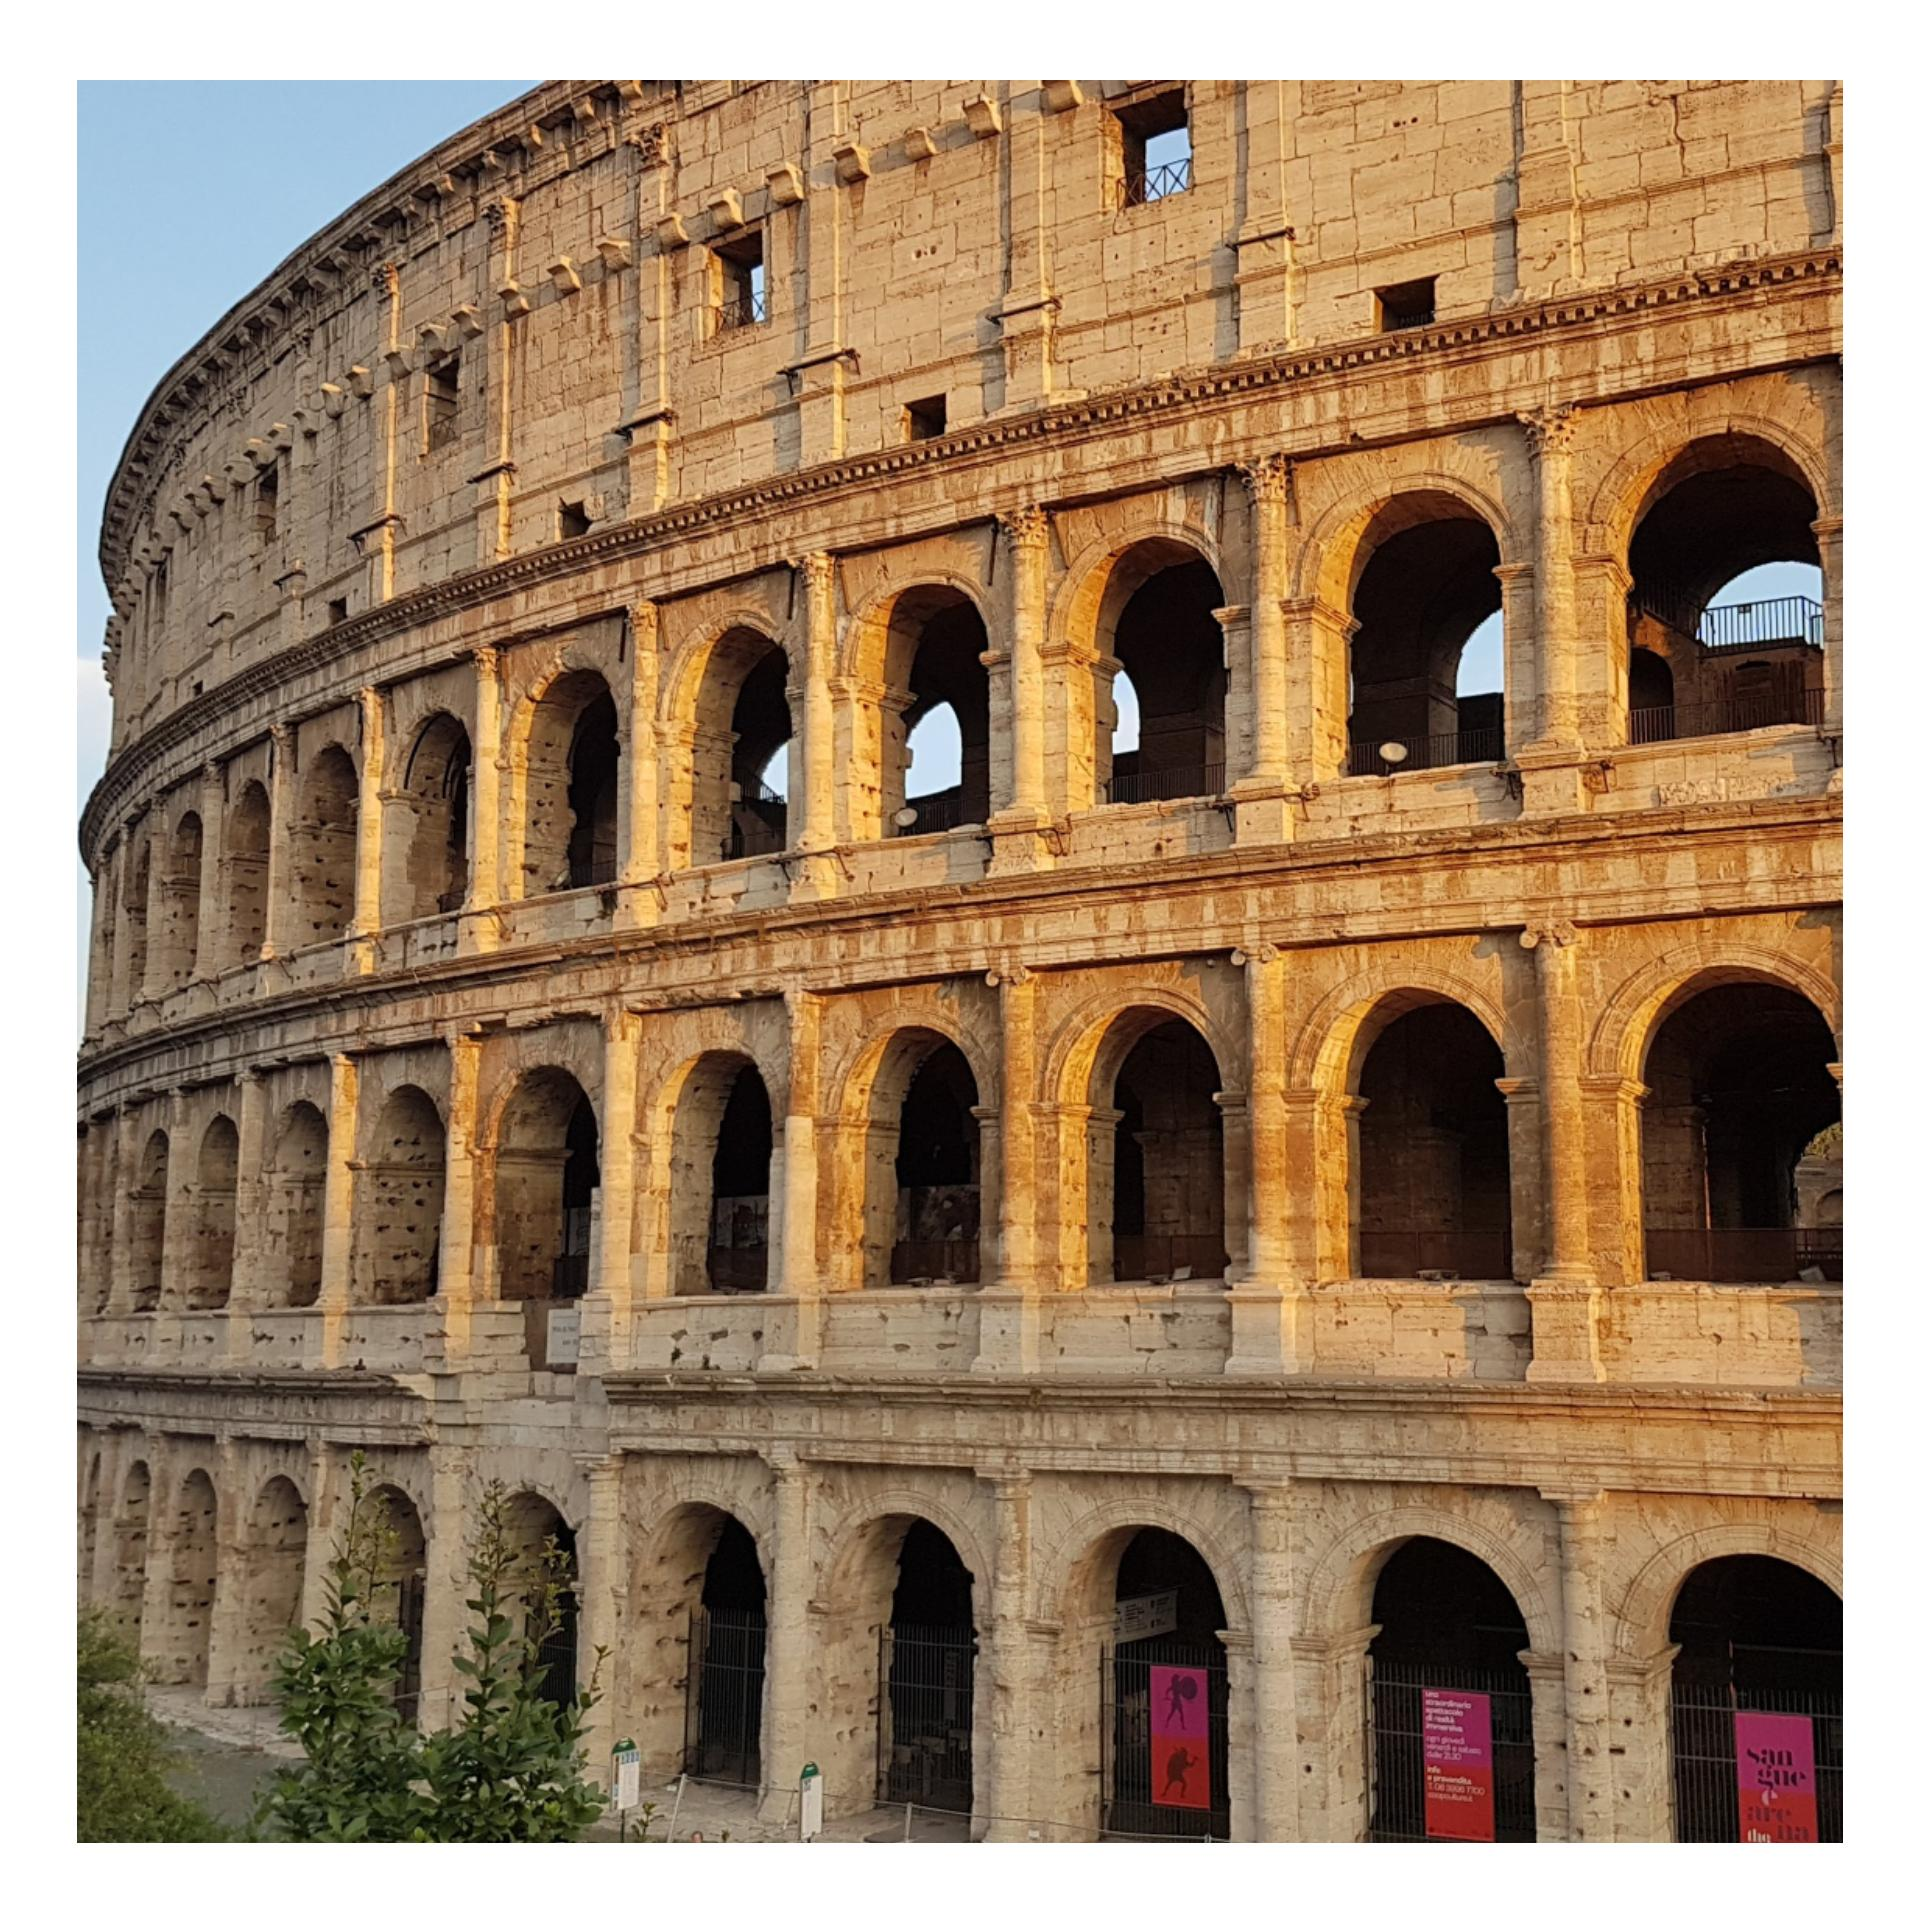 Rome_004-3